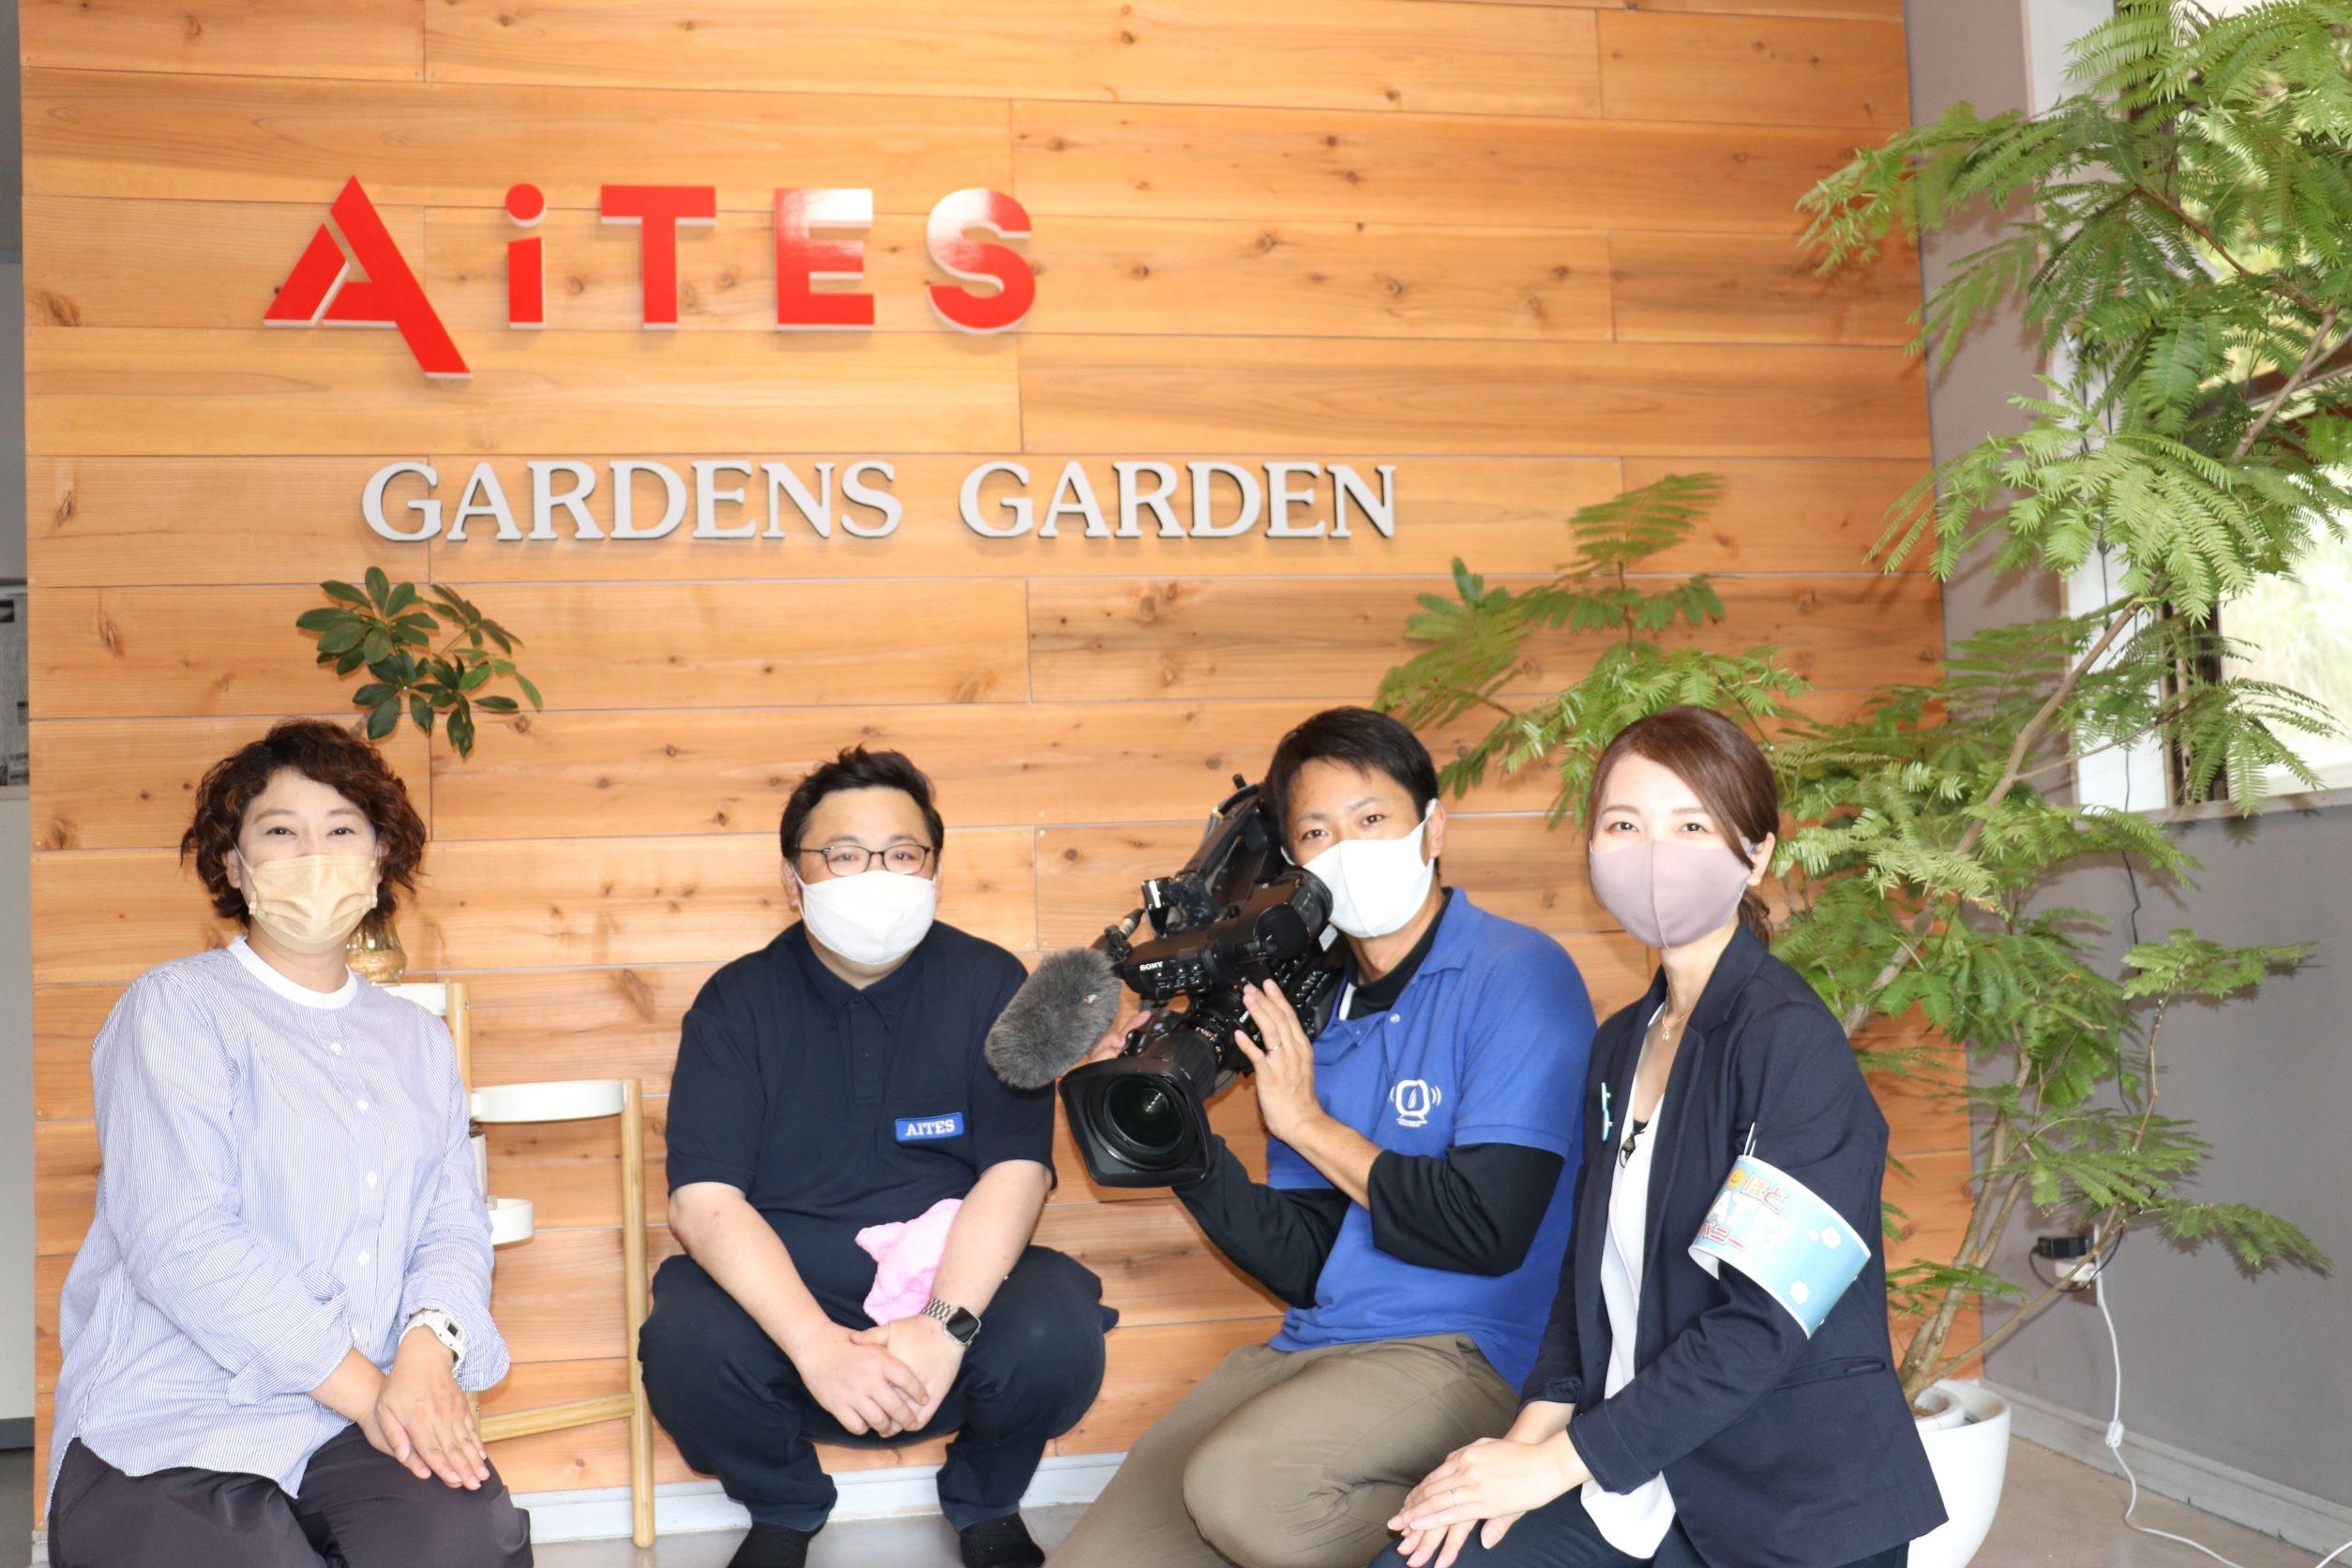 岡崎のケーブルテレビmicsネットワークさんが取材に来てくれました。